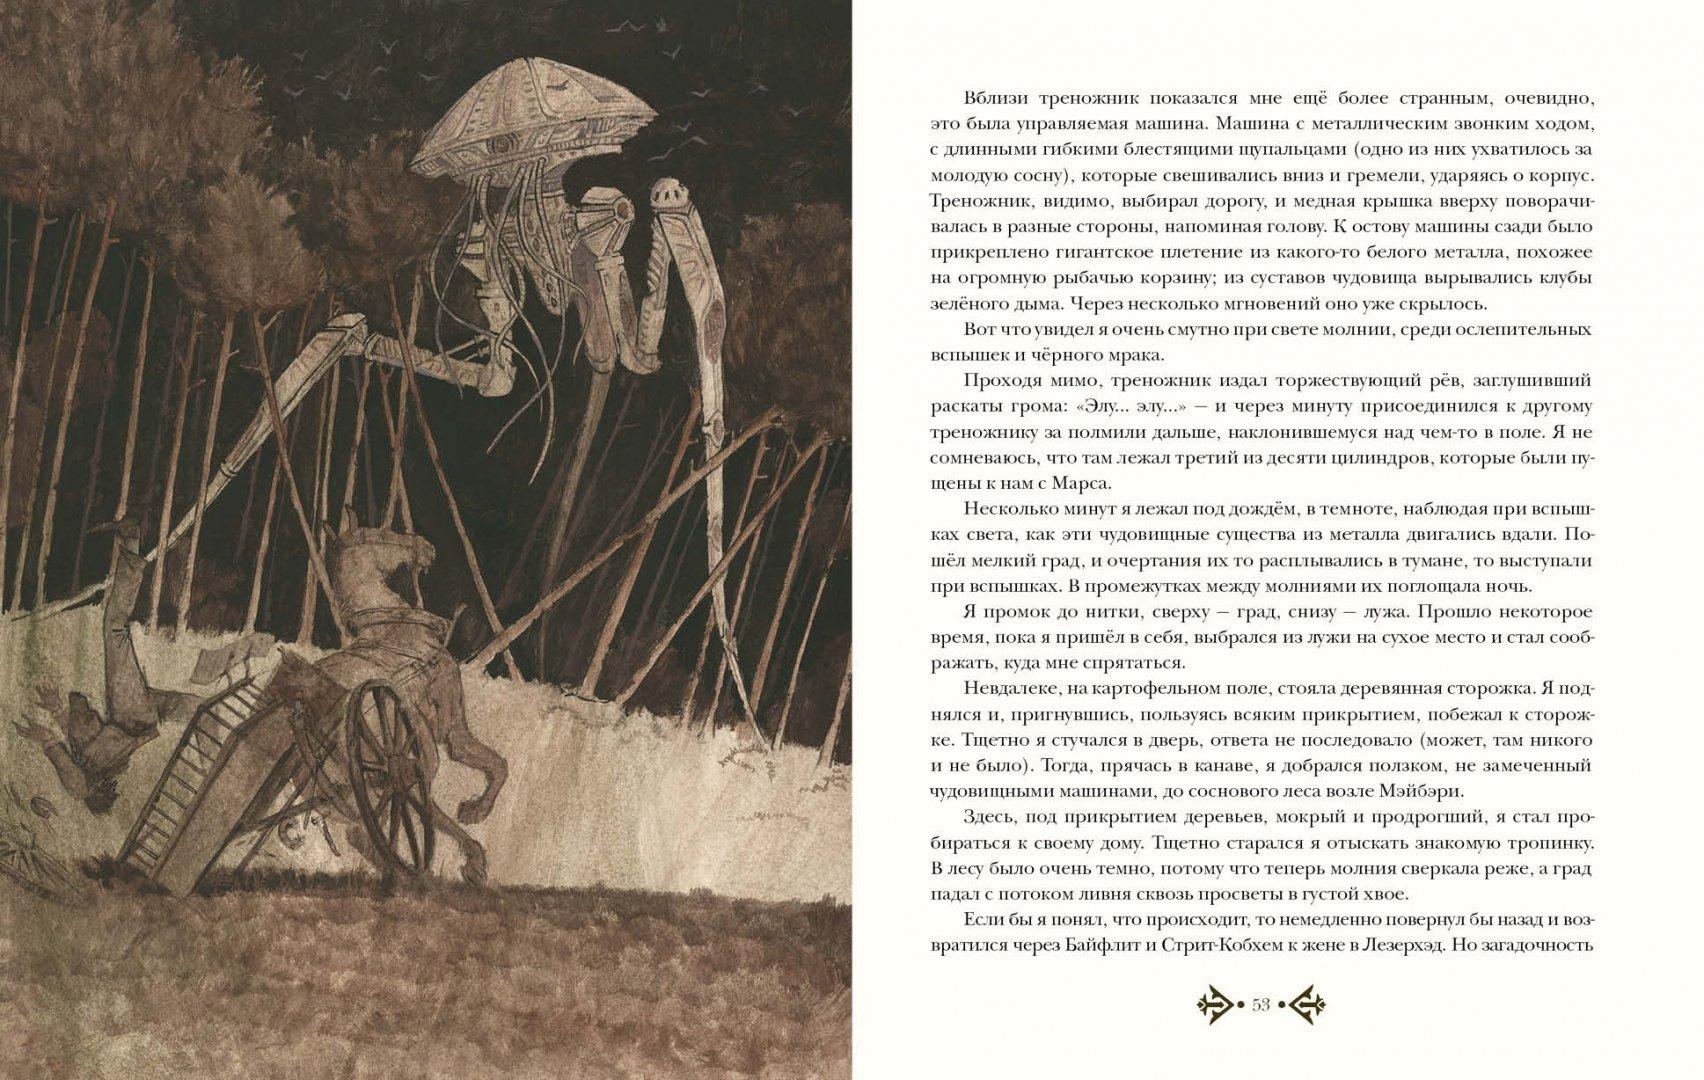 коренным книги уэллса картинки цвет